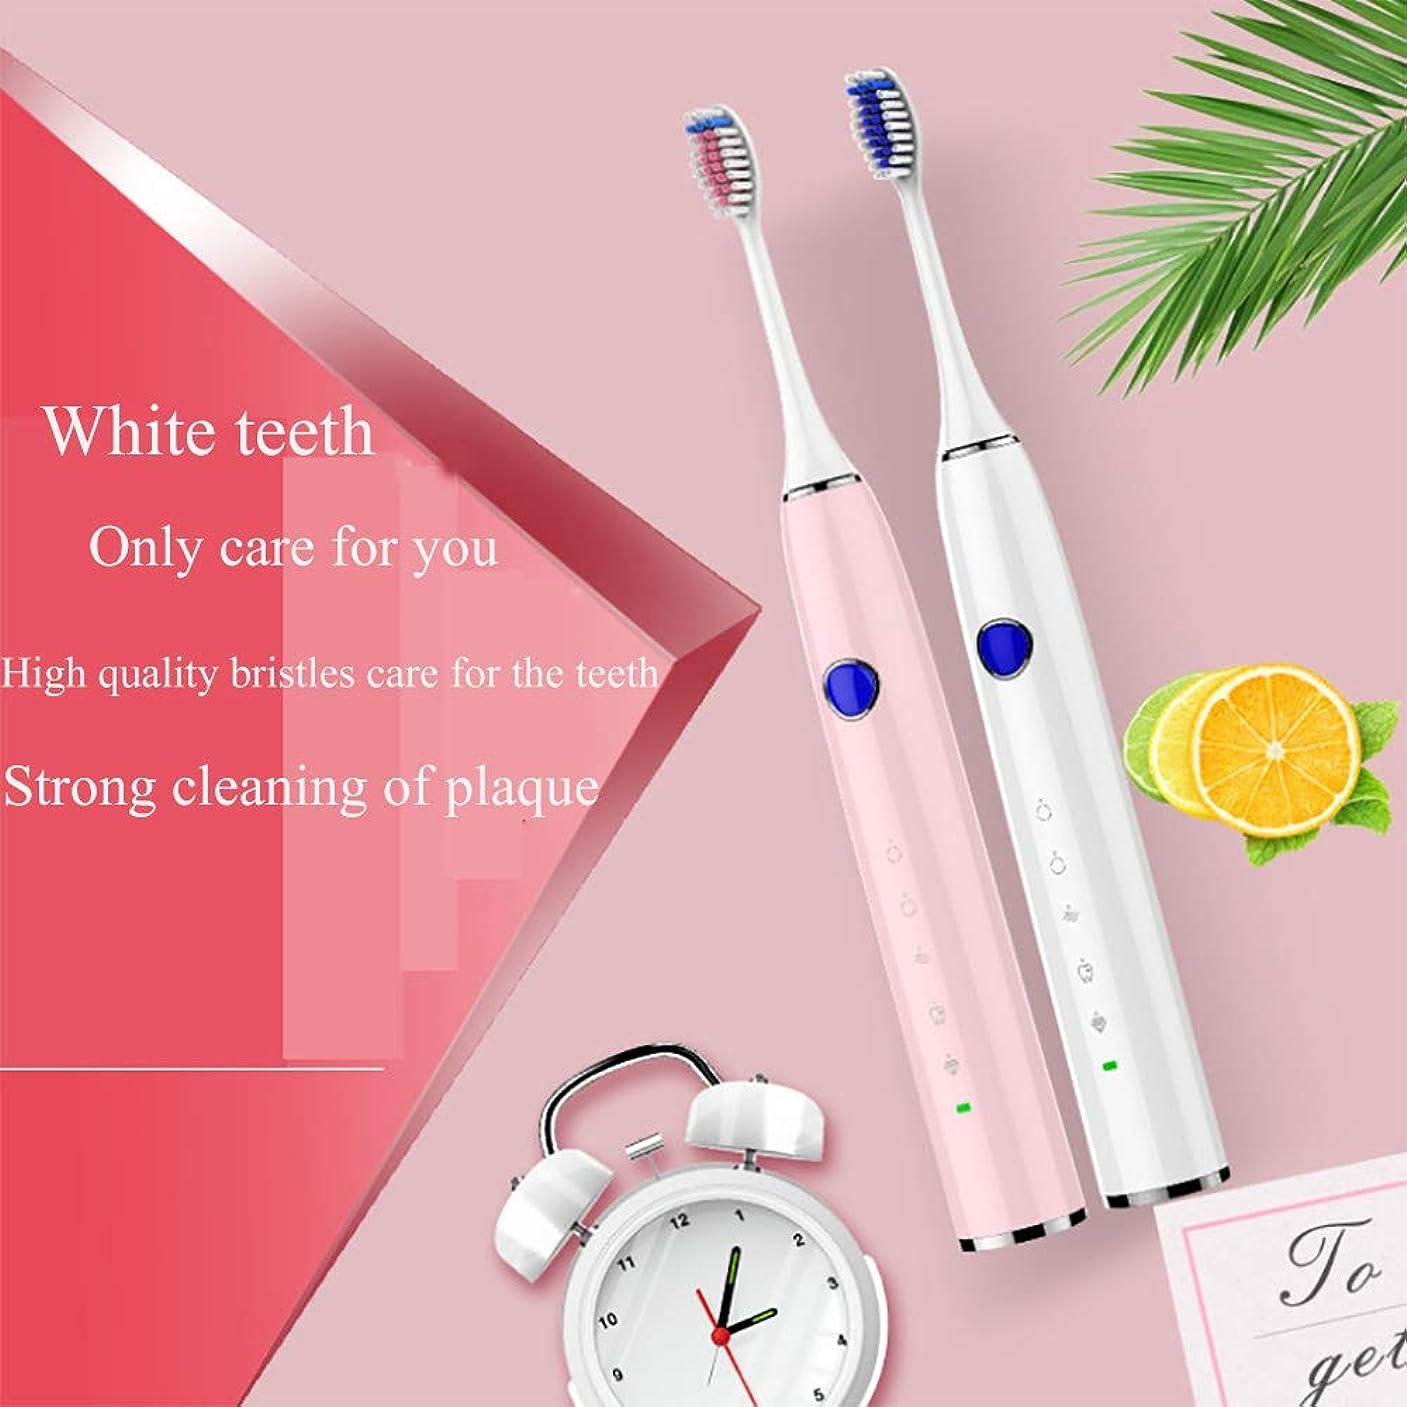 深くモルヒネ摂氏度電動歯ブラシカップルセット充電式ソニック歯ブラシ5任意モードを使用して、少なくとも30日間の充電4時間サファイアファッションボタンと旅行歯ブラシ